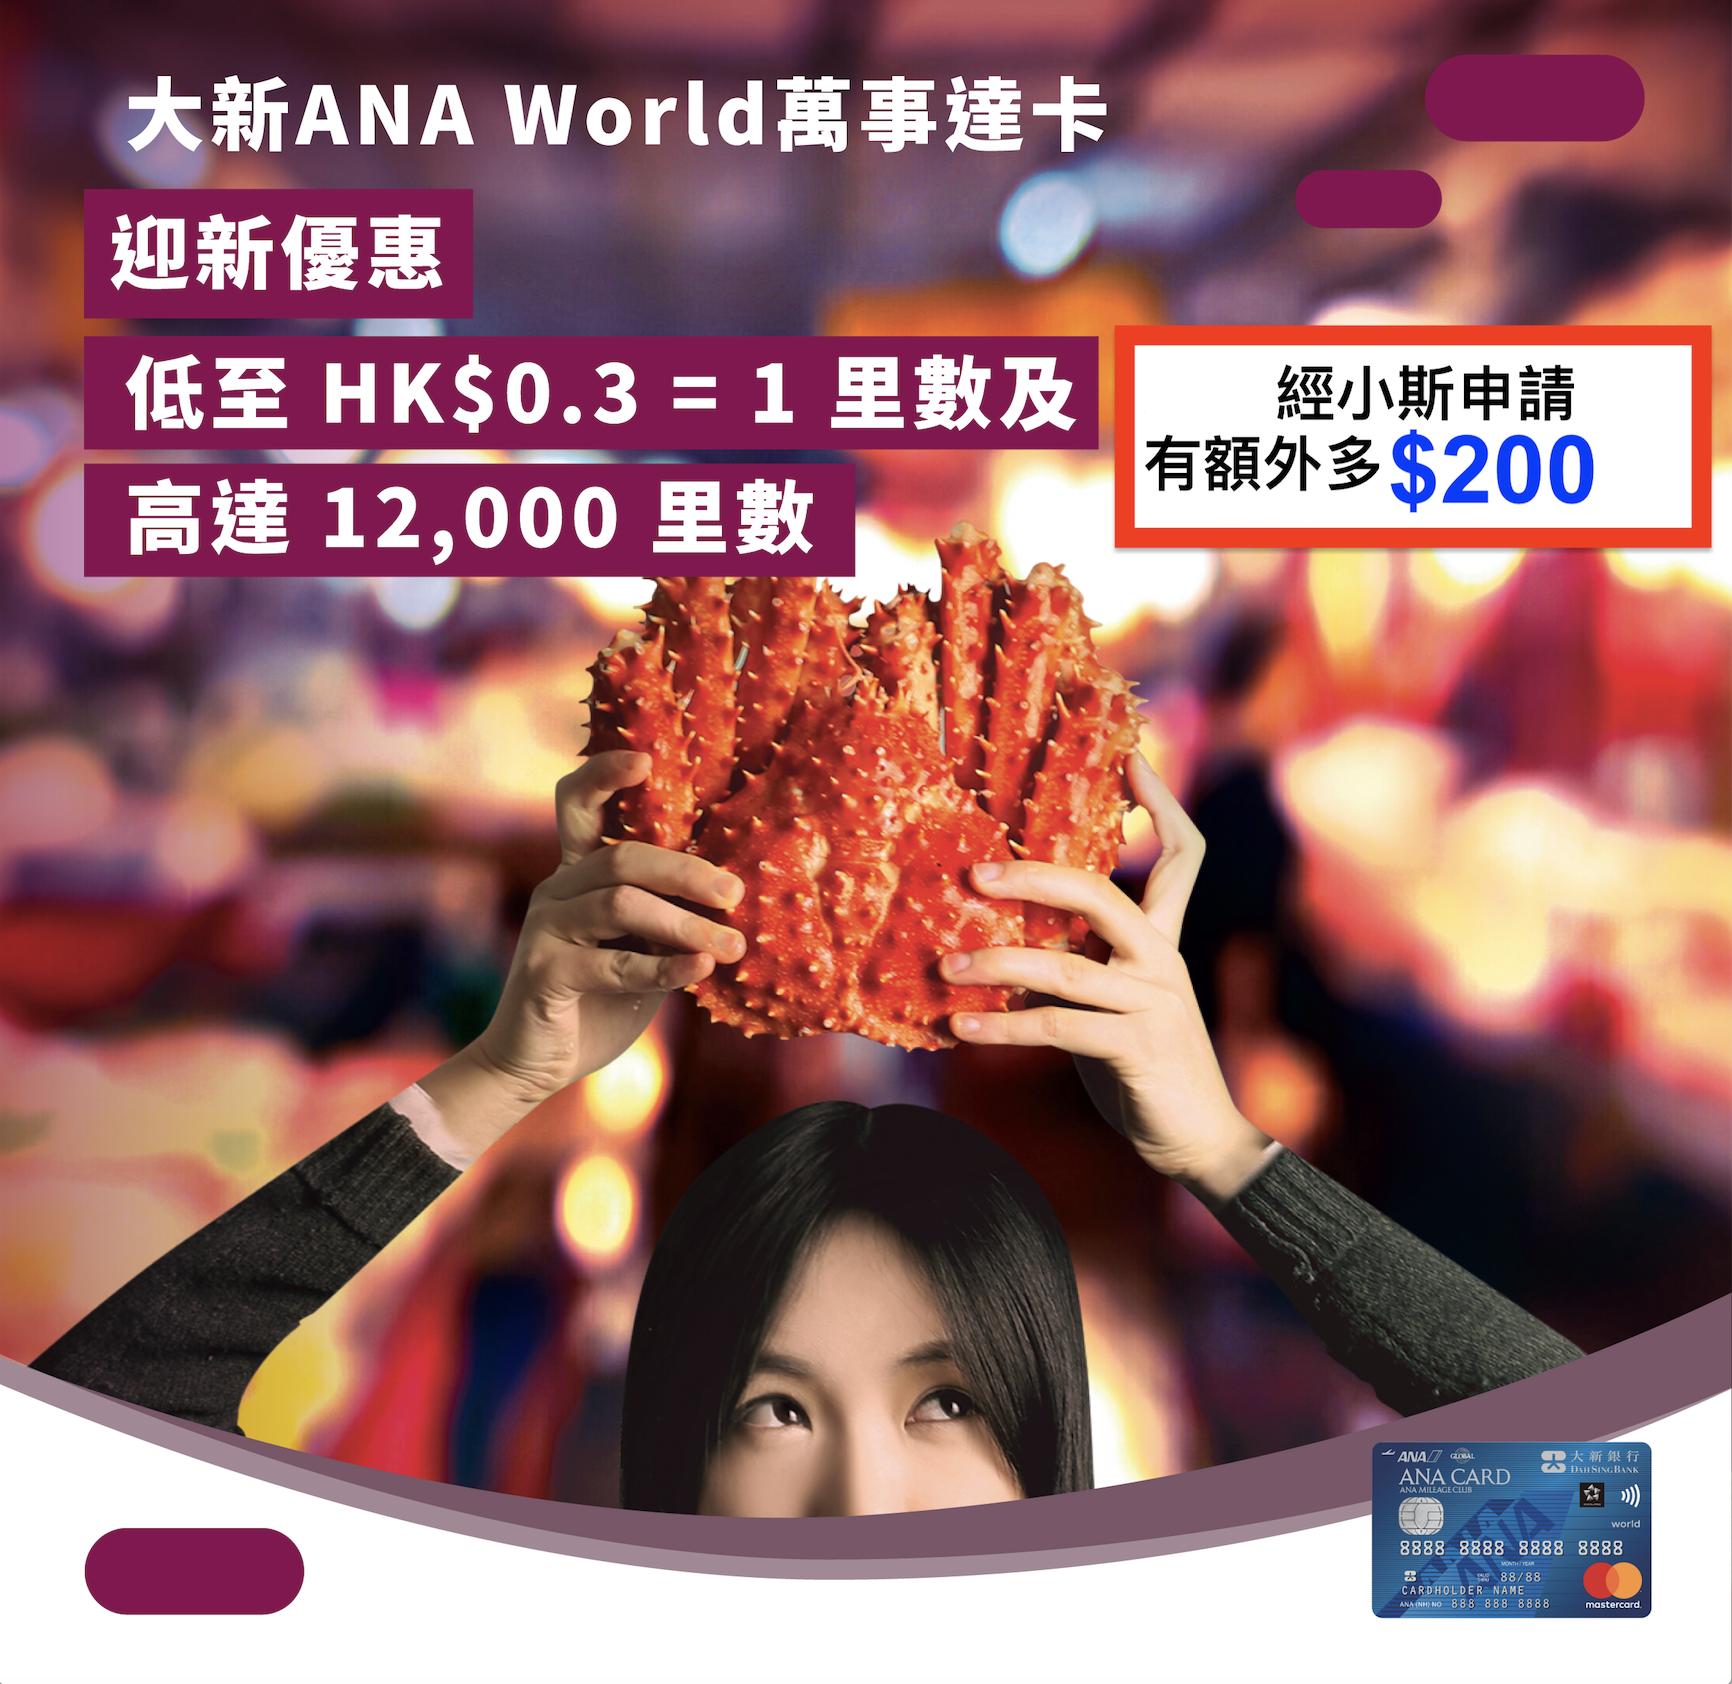 (經小斯申請額外多$200 + 網上申請多$100) 大新ANA World萬事達卡迎新低至HK0.3=1里及高達12,000里!低至17,000里(經濟)/35,000里(商務) 換到日本來回機票!